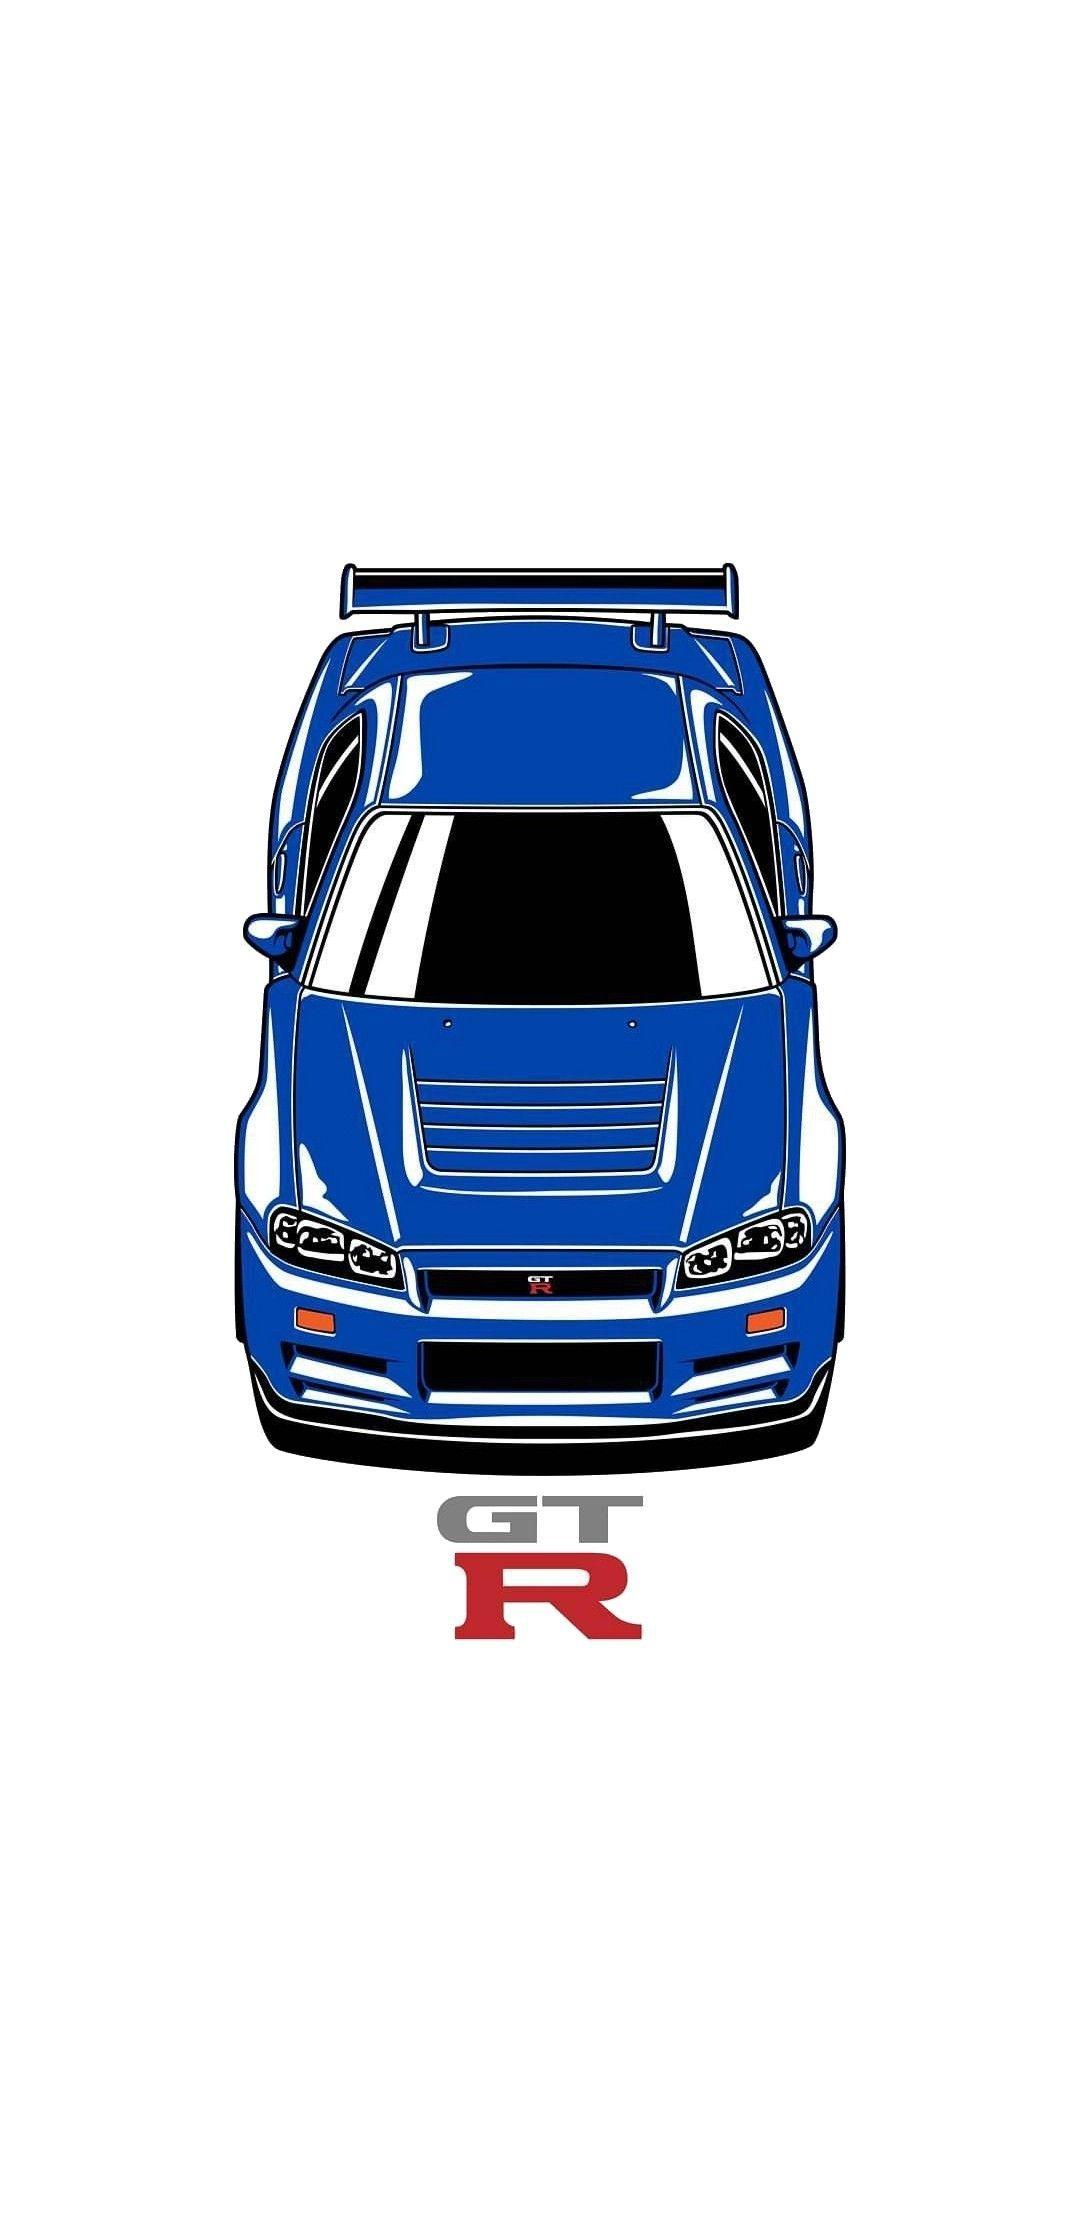 Skyline Gtr おしゃれまとめの人気アイデア Pinterest Sumeet Surve 2020 車の壁紙 スカイライン R34 クールな車